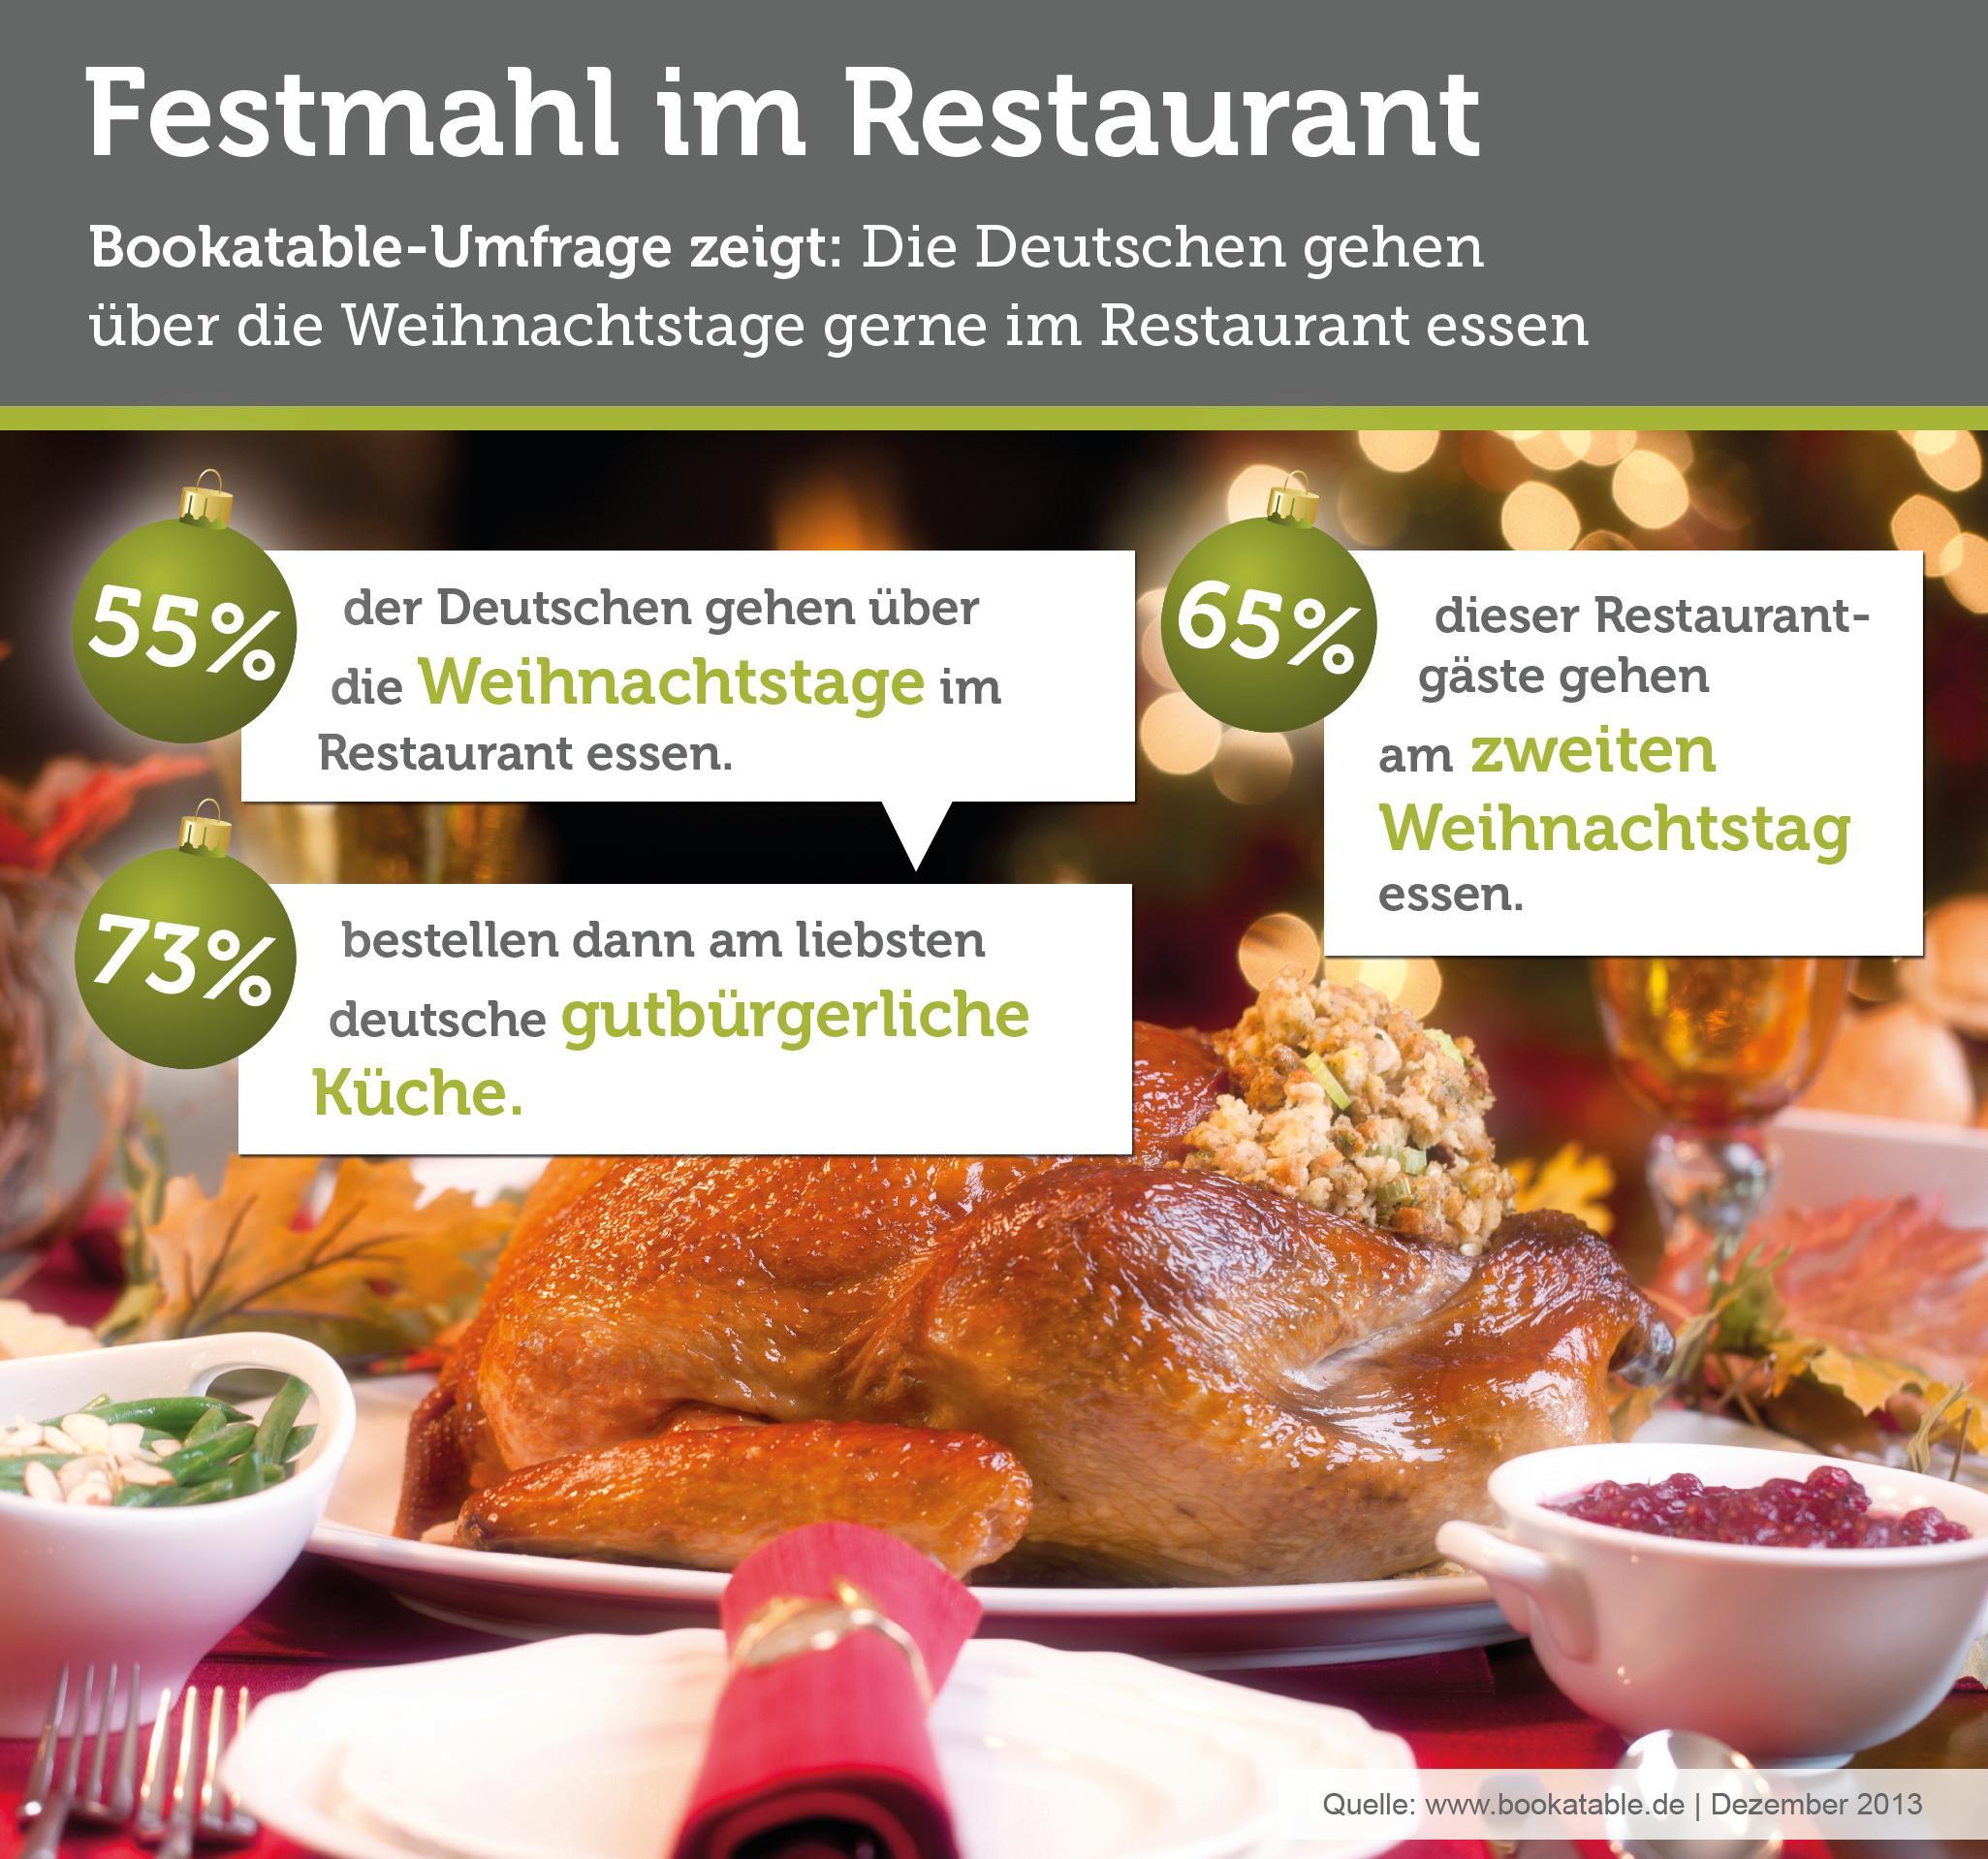 weihnachtsgans im restaurant umfrage mehr als die h lfte der deutschen gehen ber die. Black Bedroom Furniture Sets. Home Design Ideas